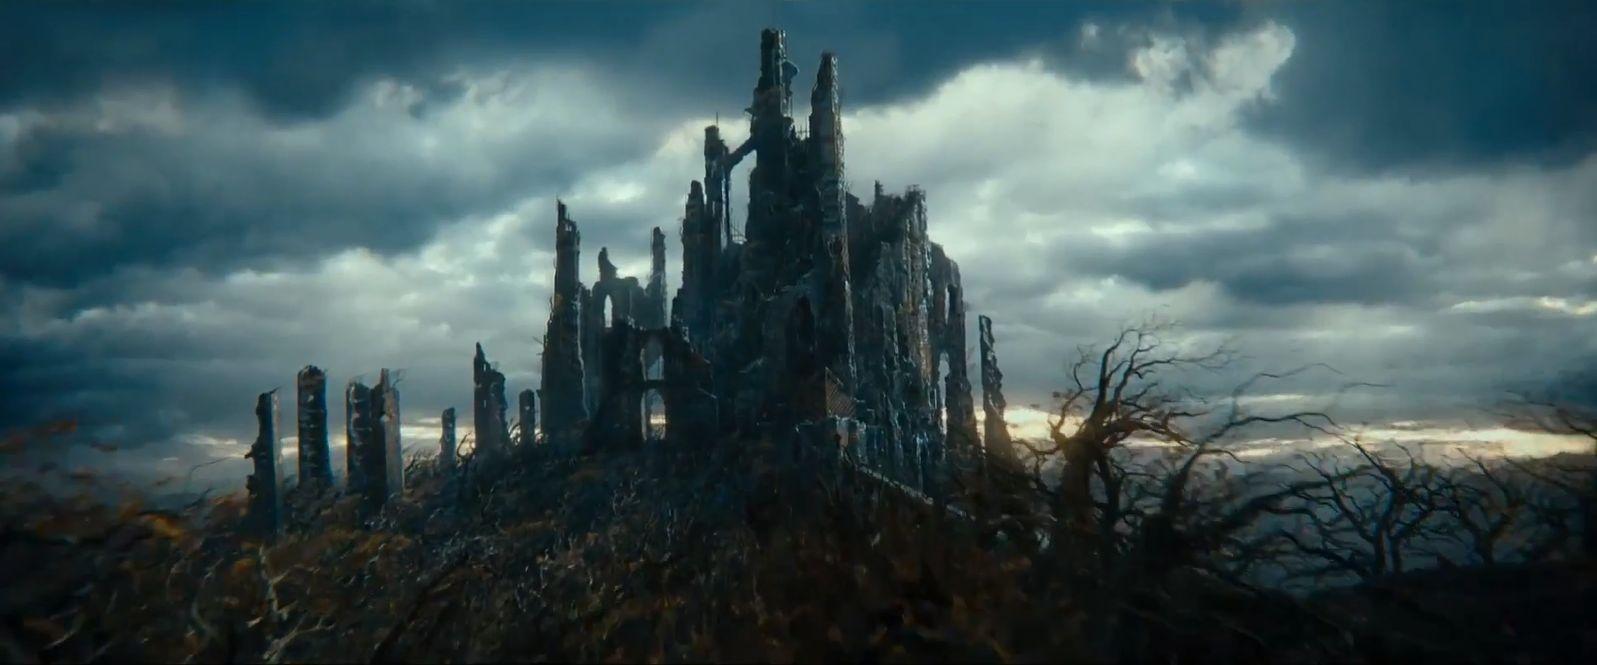 ¿Cómo se llamaba la fortaleza de Sauron en el Bosque Negro?